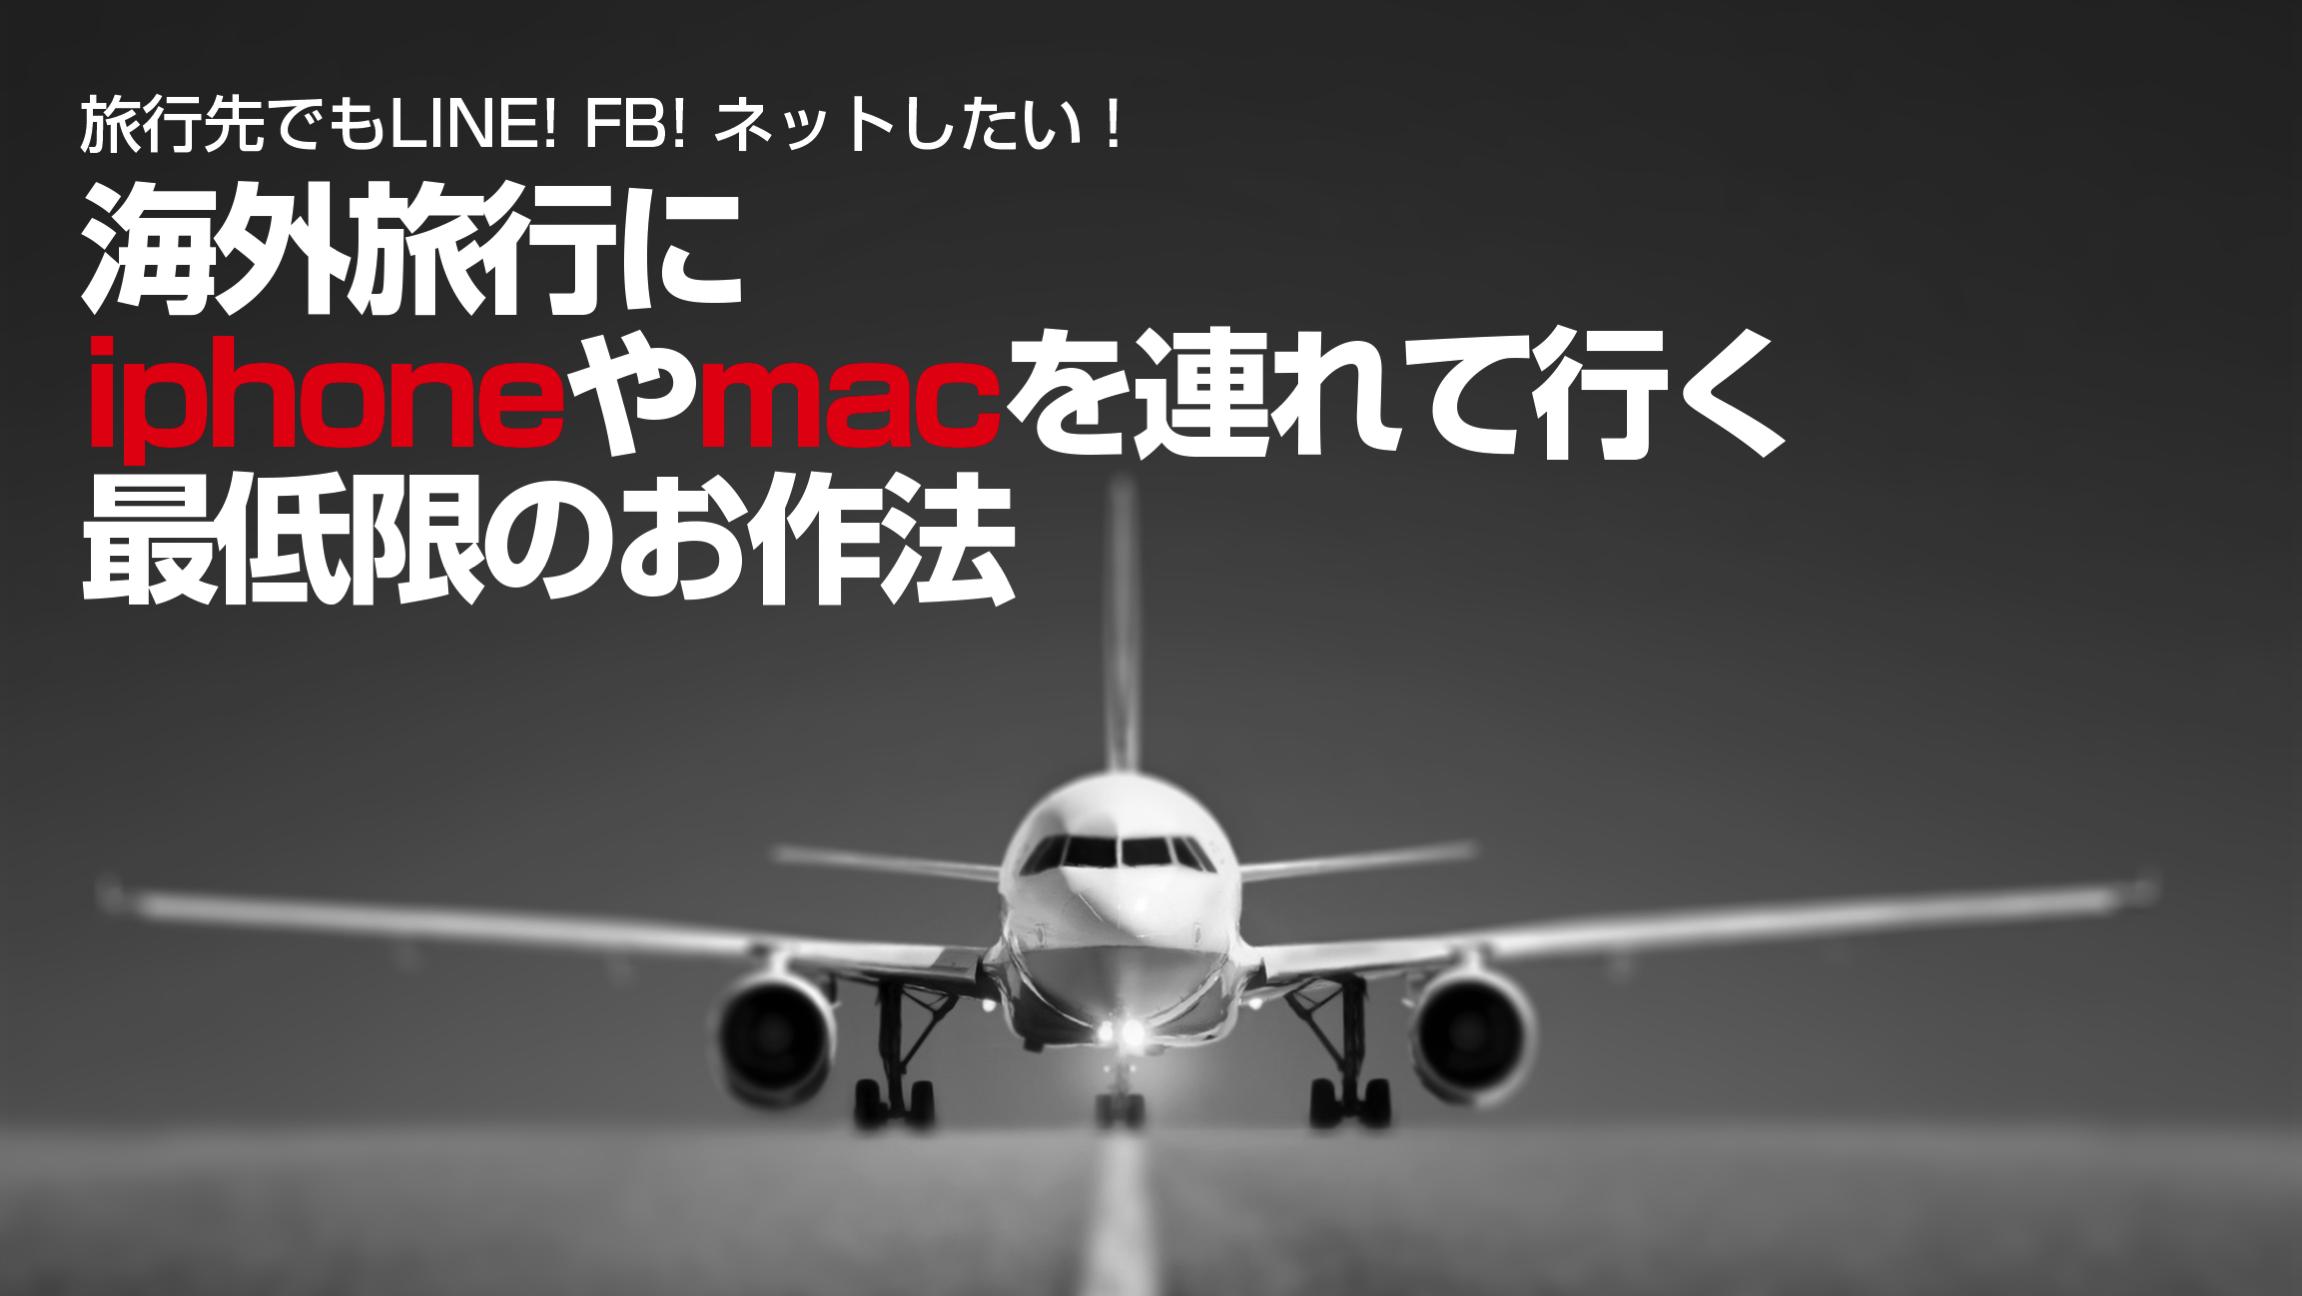 海外旅行でiphoneとmac